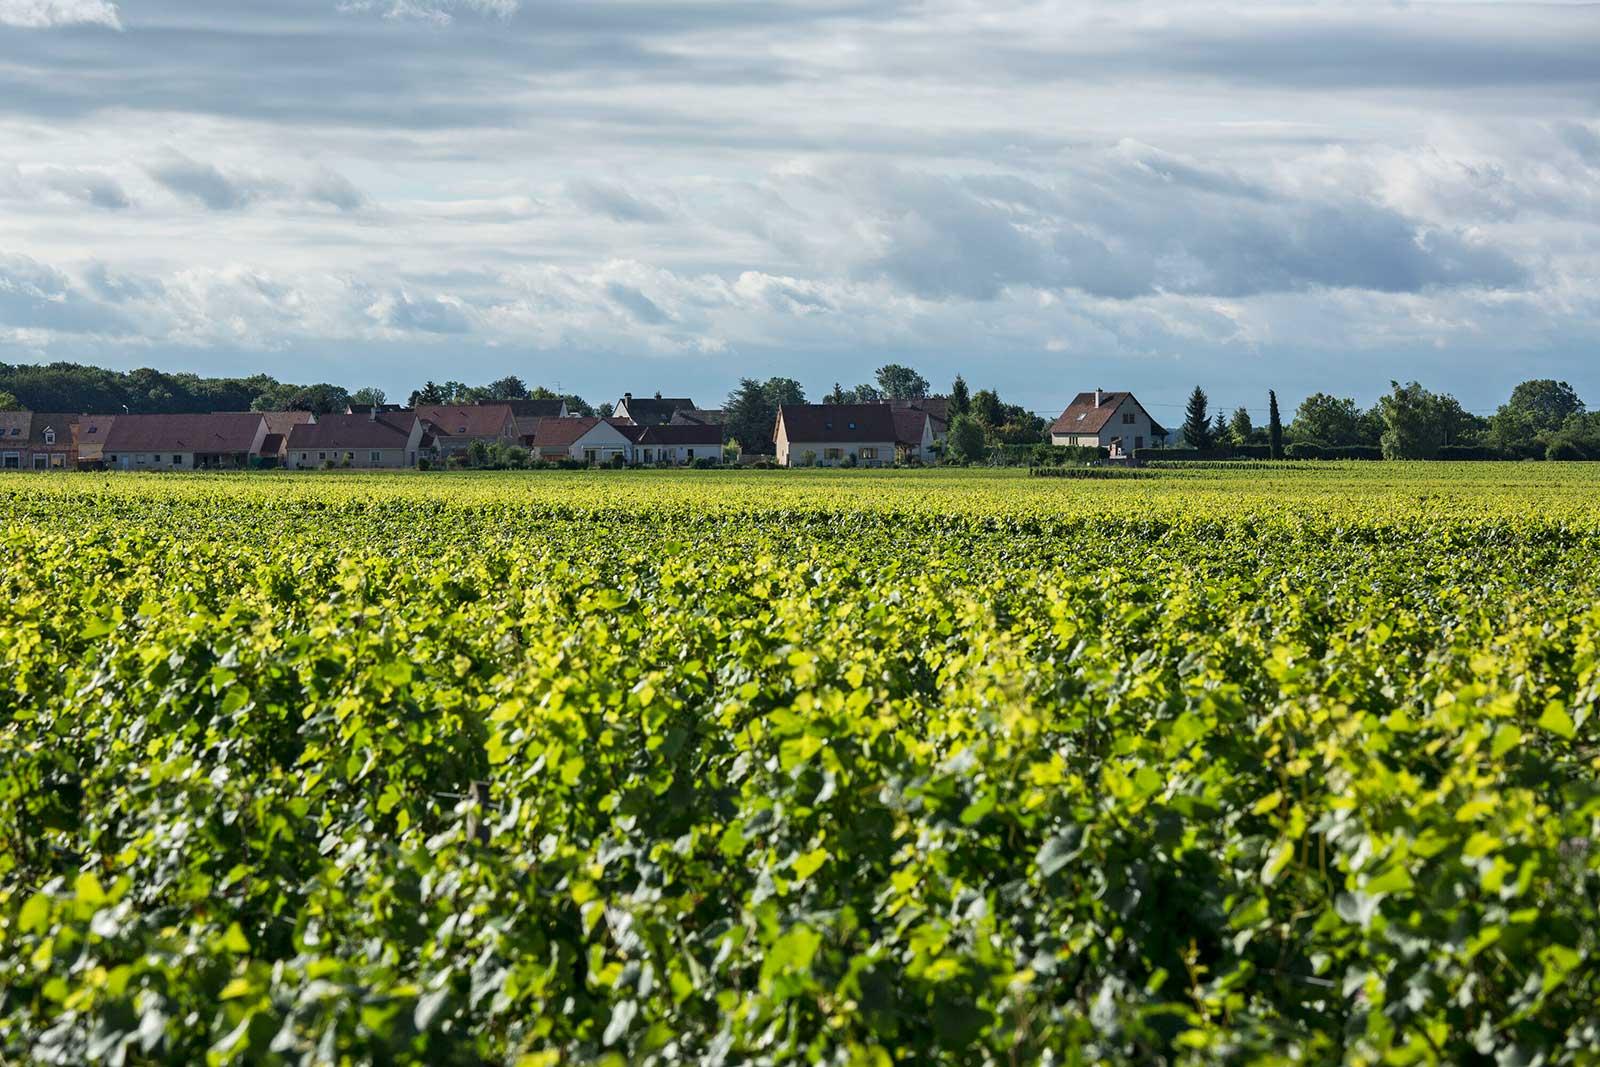 A view over the vineyards of Chorey-les-Beaune AOC. ©BIVB (Bureau des Interprofessionnel Vins de Bourgogne) / Aurélien Ibanez